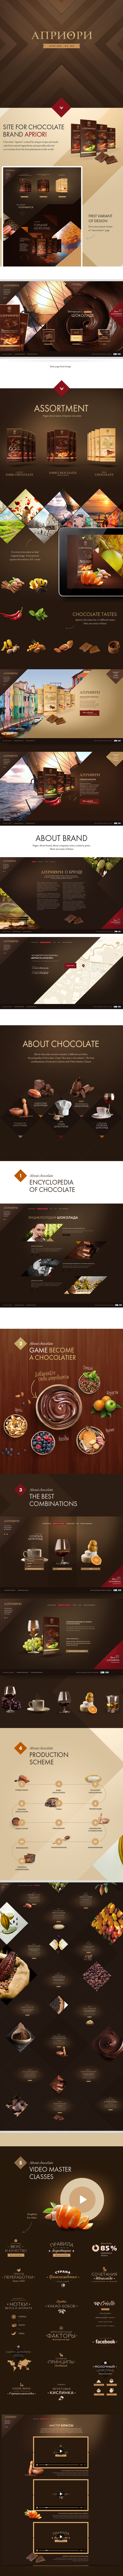 identidad apriori chocolates